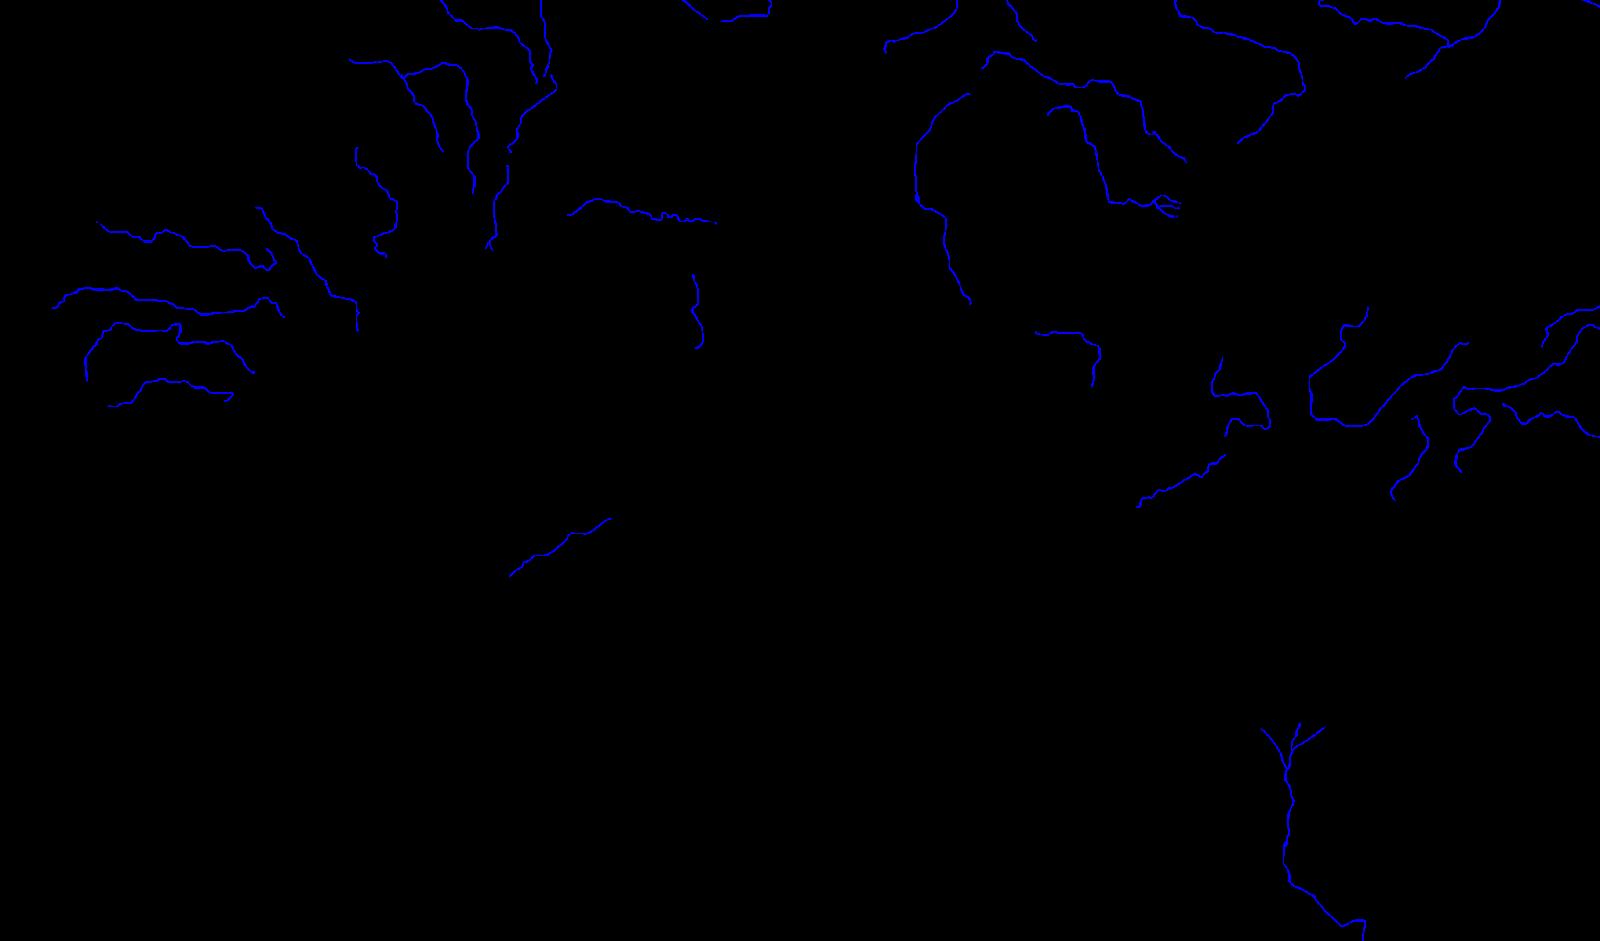 Mapa Del Mar Mediterraneo.El Blog De Antonio Profesor De Sociales Mapas Del Mar